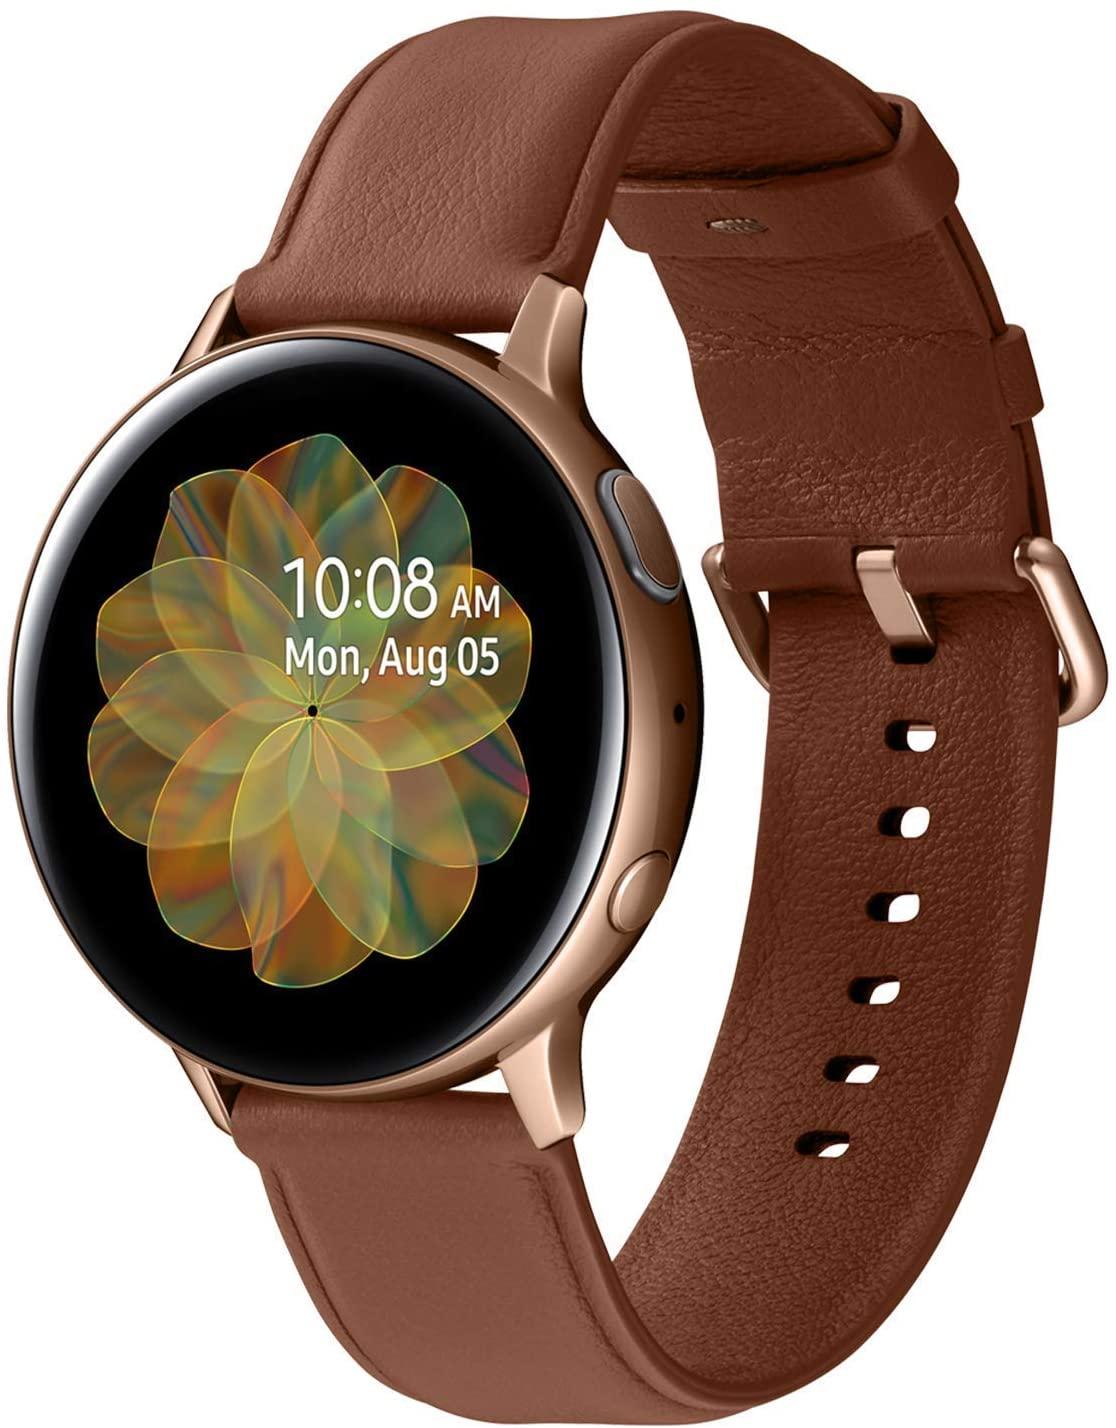 サムスン ギャラクシーウォッチ Bluetooth対応 Samsung Galaxy Watch 70%OFFアウトレット NEW売り切れる前に☆ Active 2 R820 1年保証 ゴールド 新品 ステレンスベゼル 44mm スマートウォッチ本体